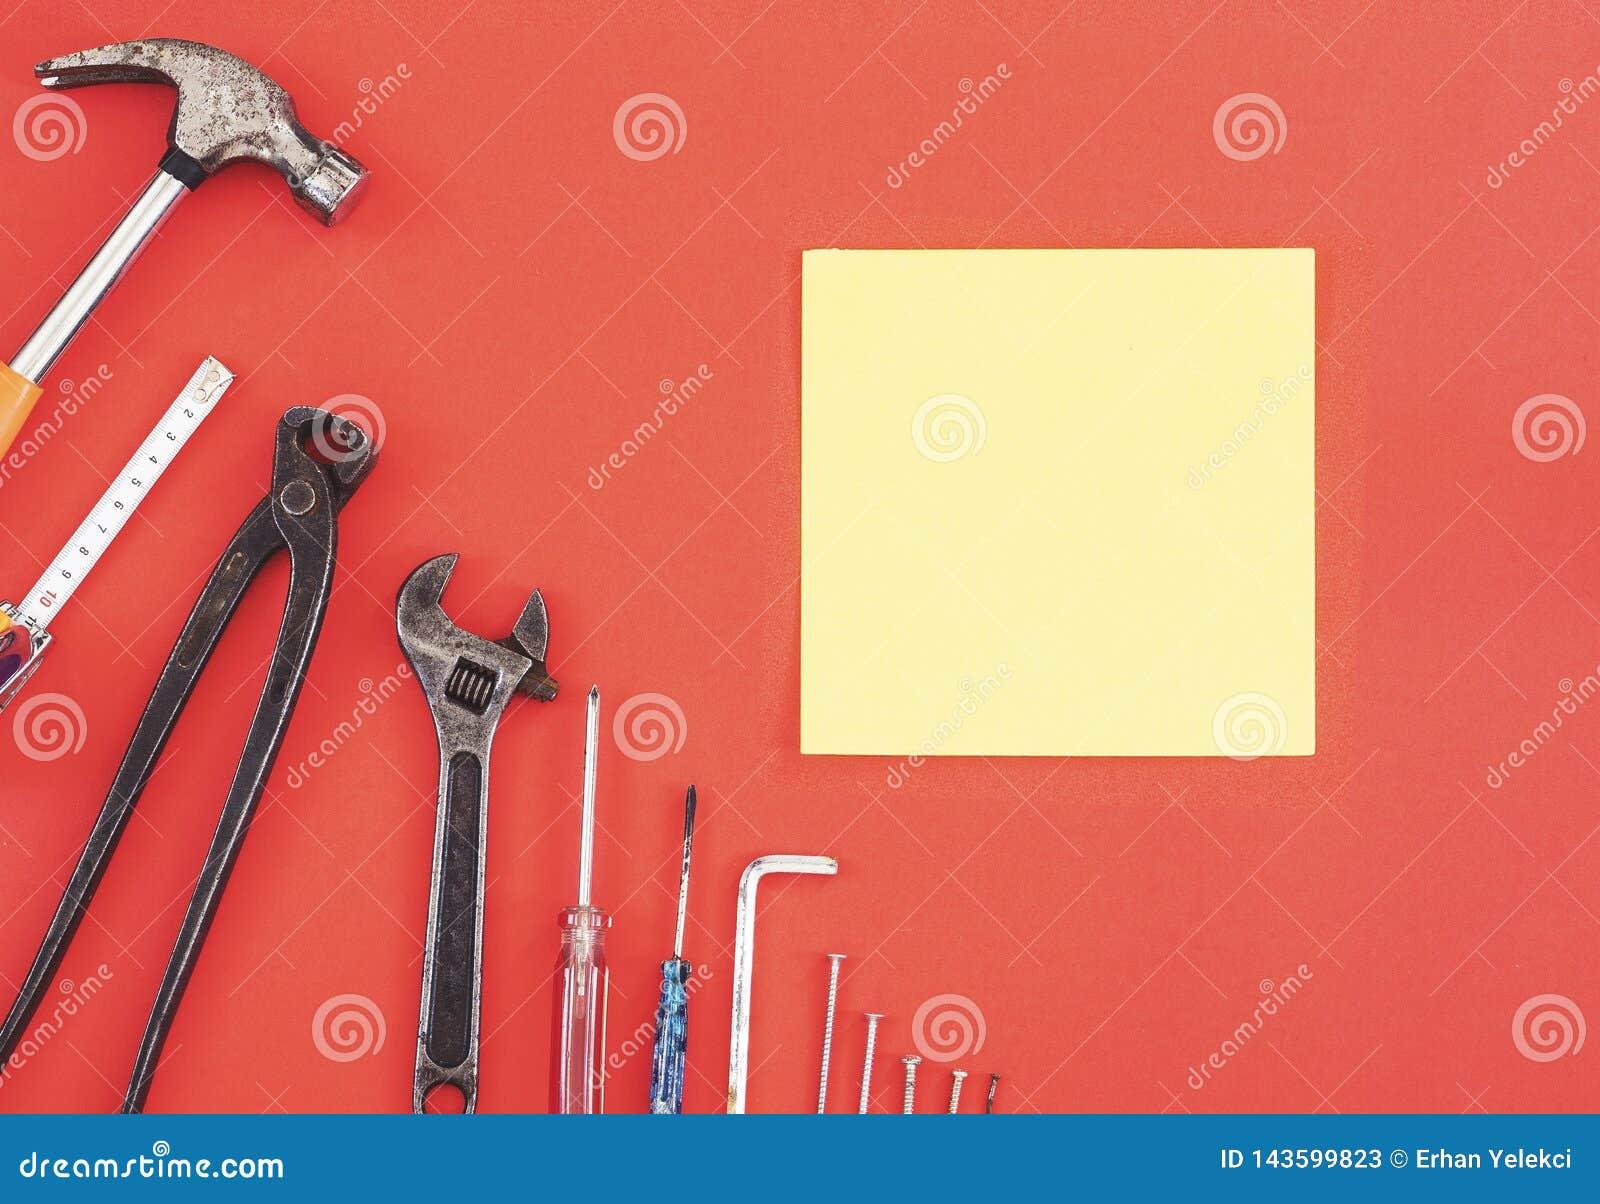 Инструменты на работниках джинсовой ткани, красная предпосылка конструктора инженера ключа с инструментами конструктора инженера